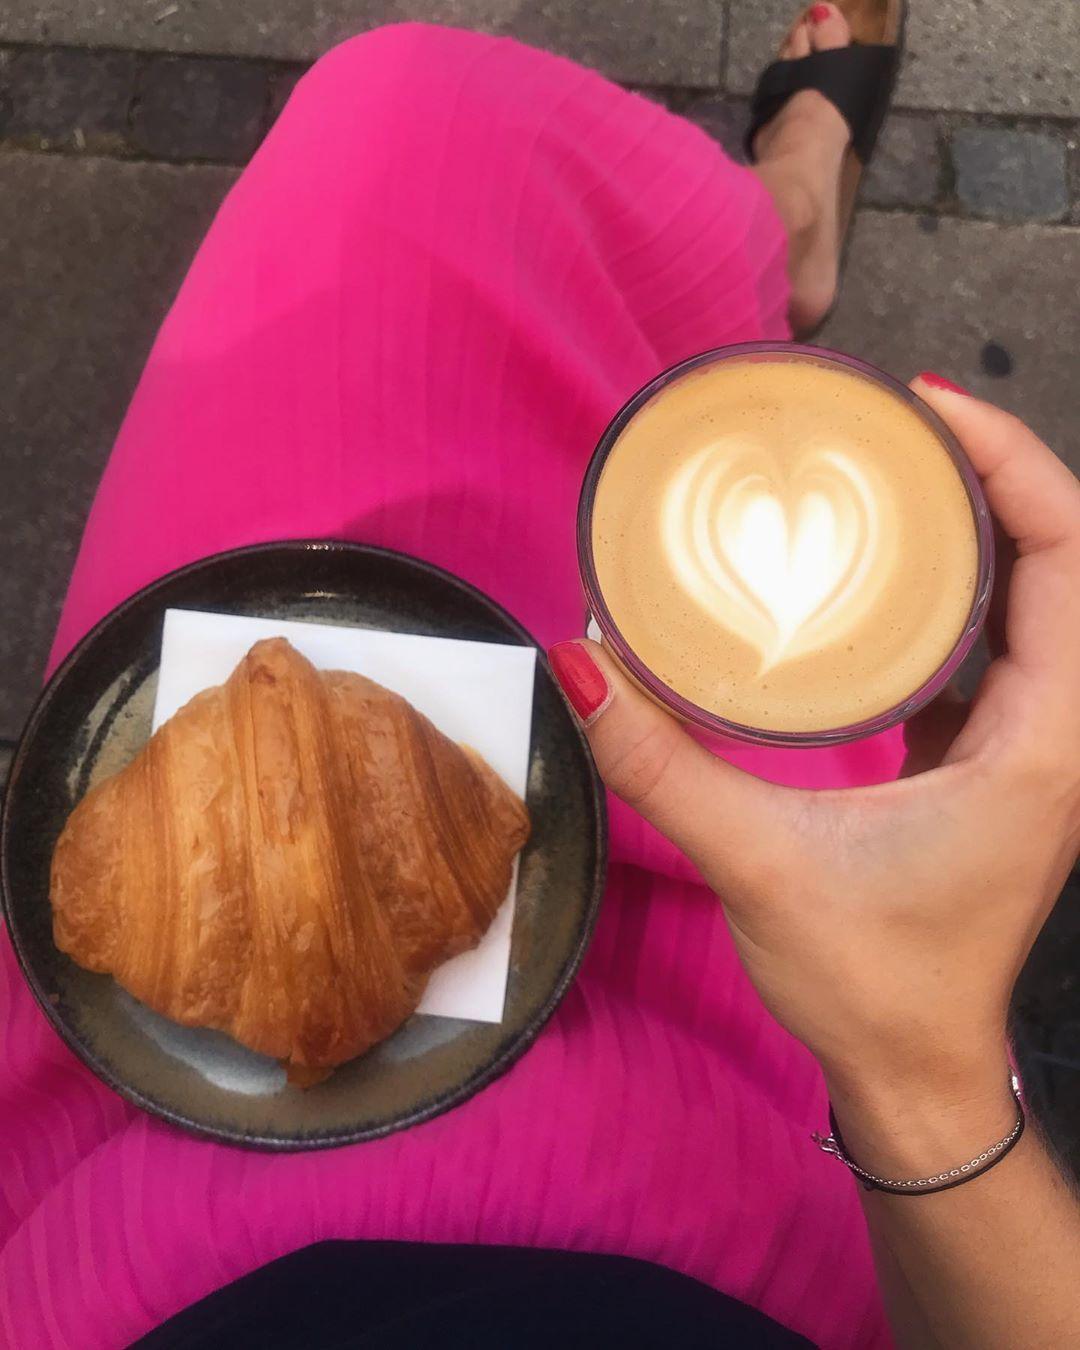 Coffee break in Copenhagen jak bude coffee break vypadat v Anglii v gumkch, pltnce a rozhodn ne venku......#coffeebreak